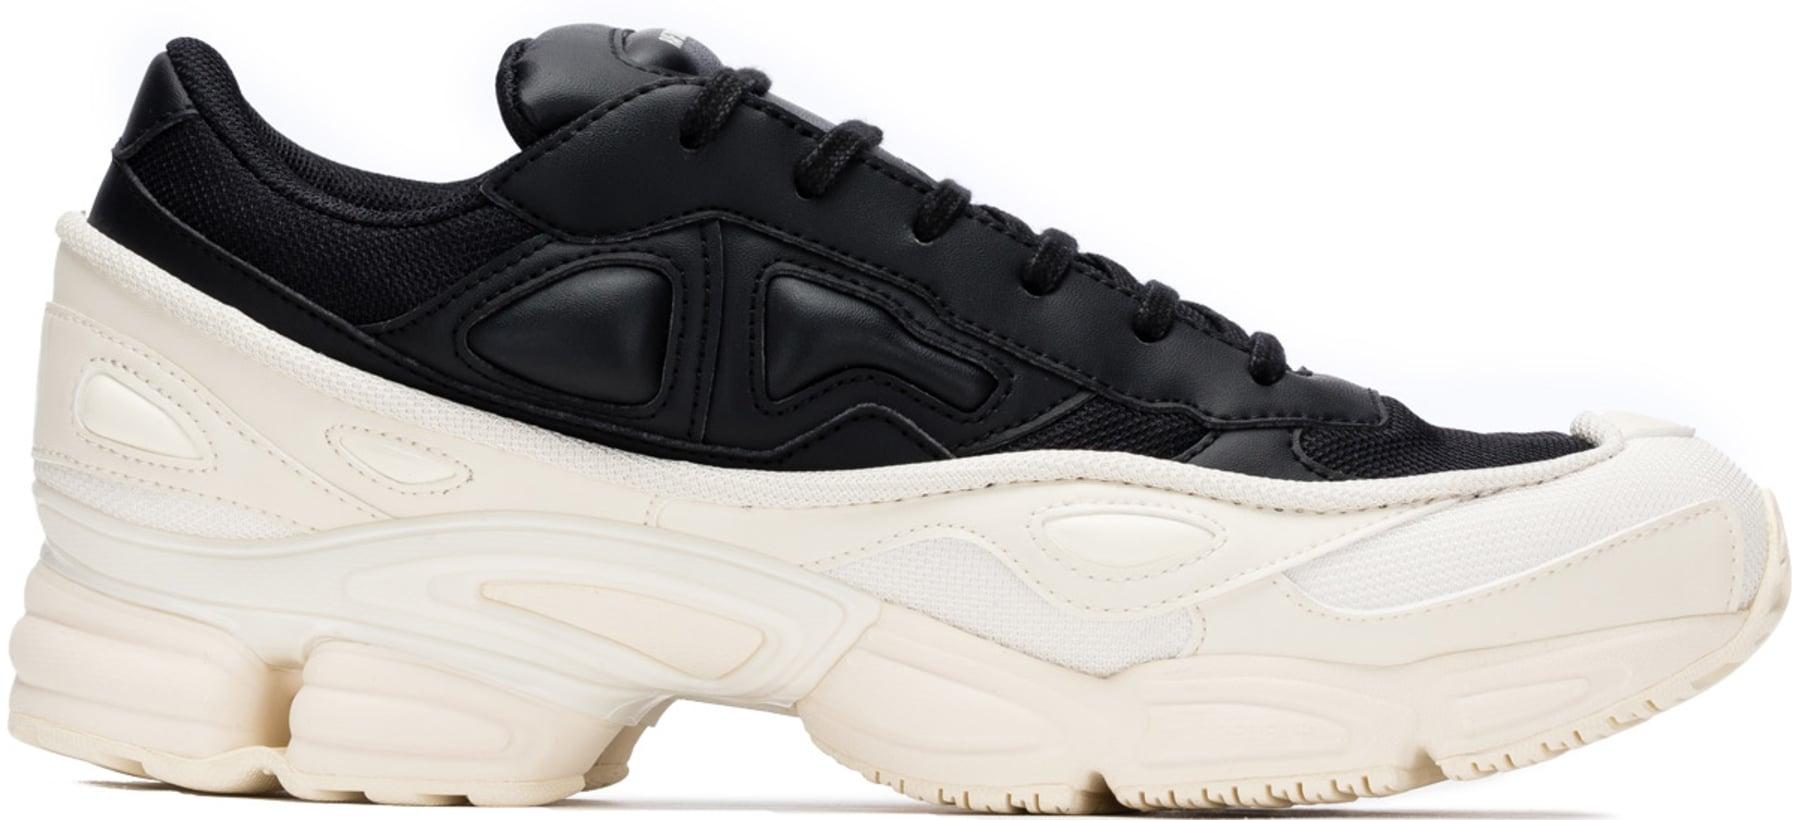 adidas ozweego noir et blanc